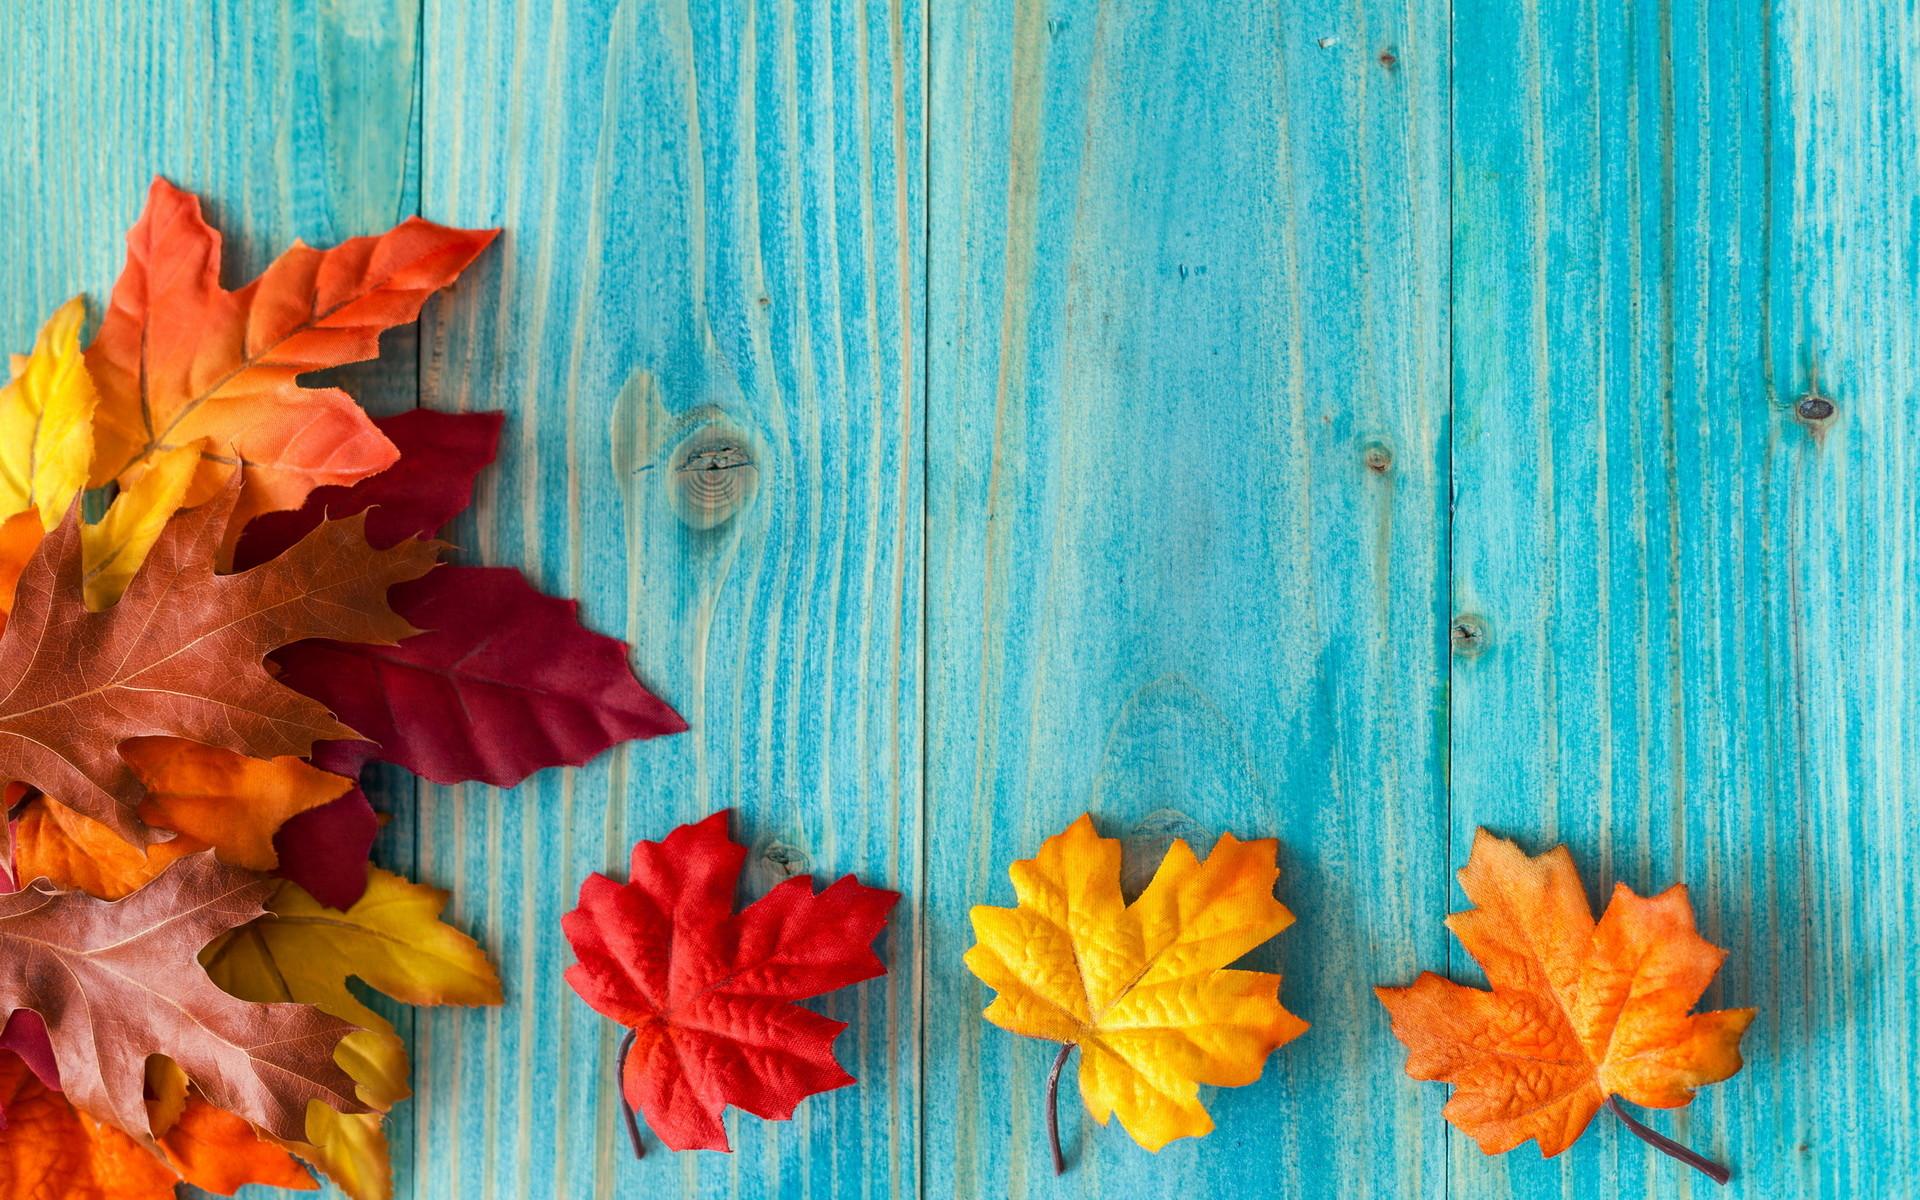 Fall Widescreen Wallpaper